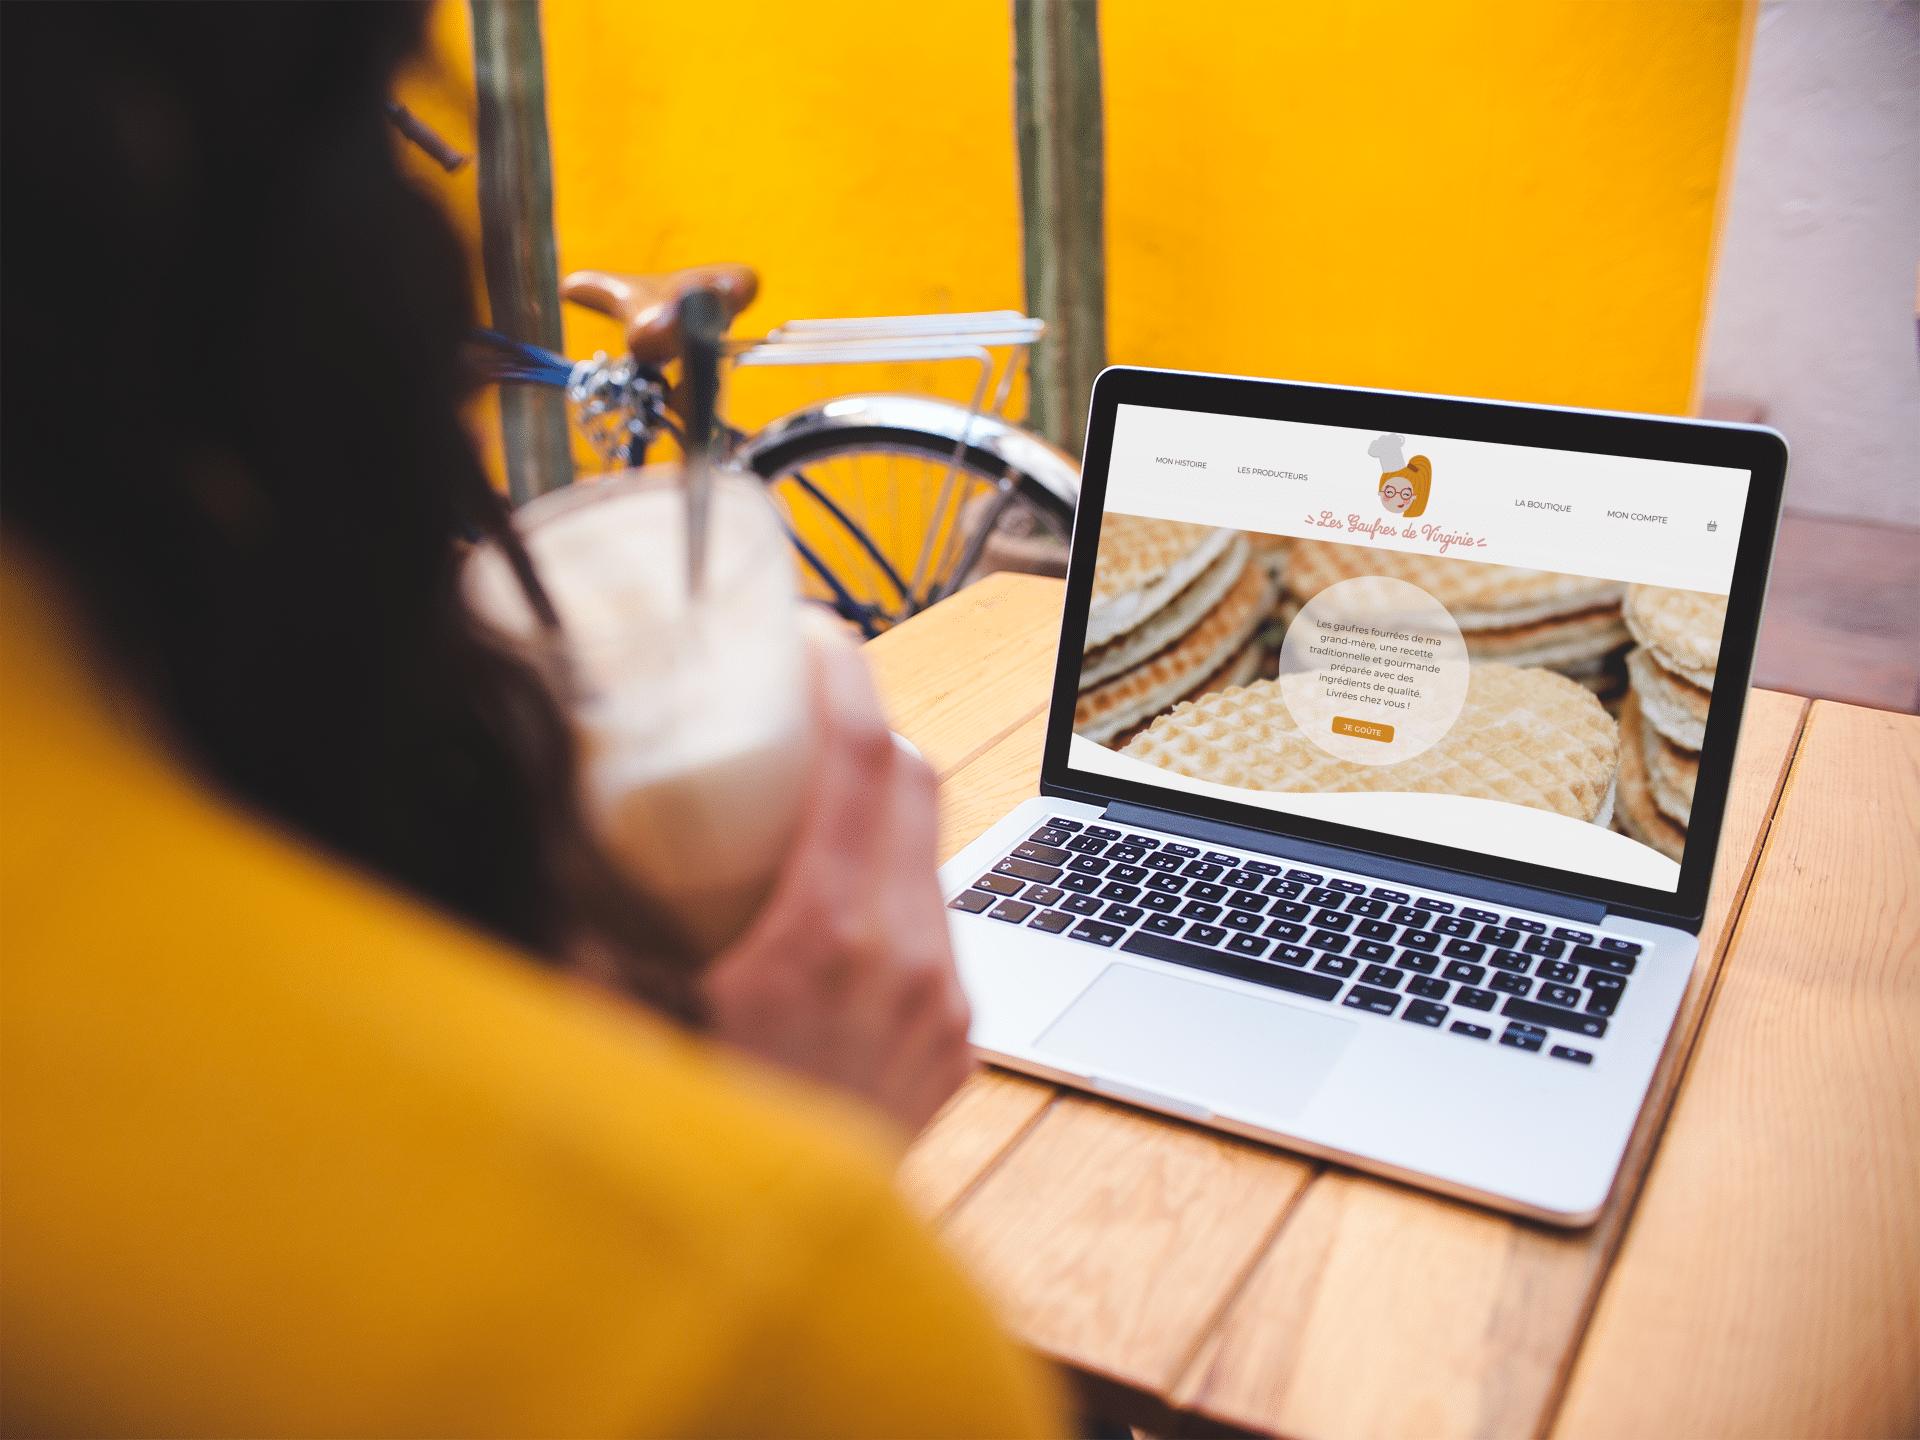 Les Gaufres de Virginie - site internet (en cours d'intégration)